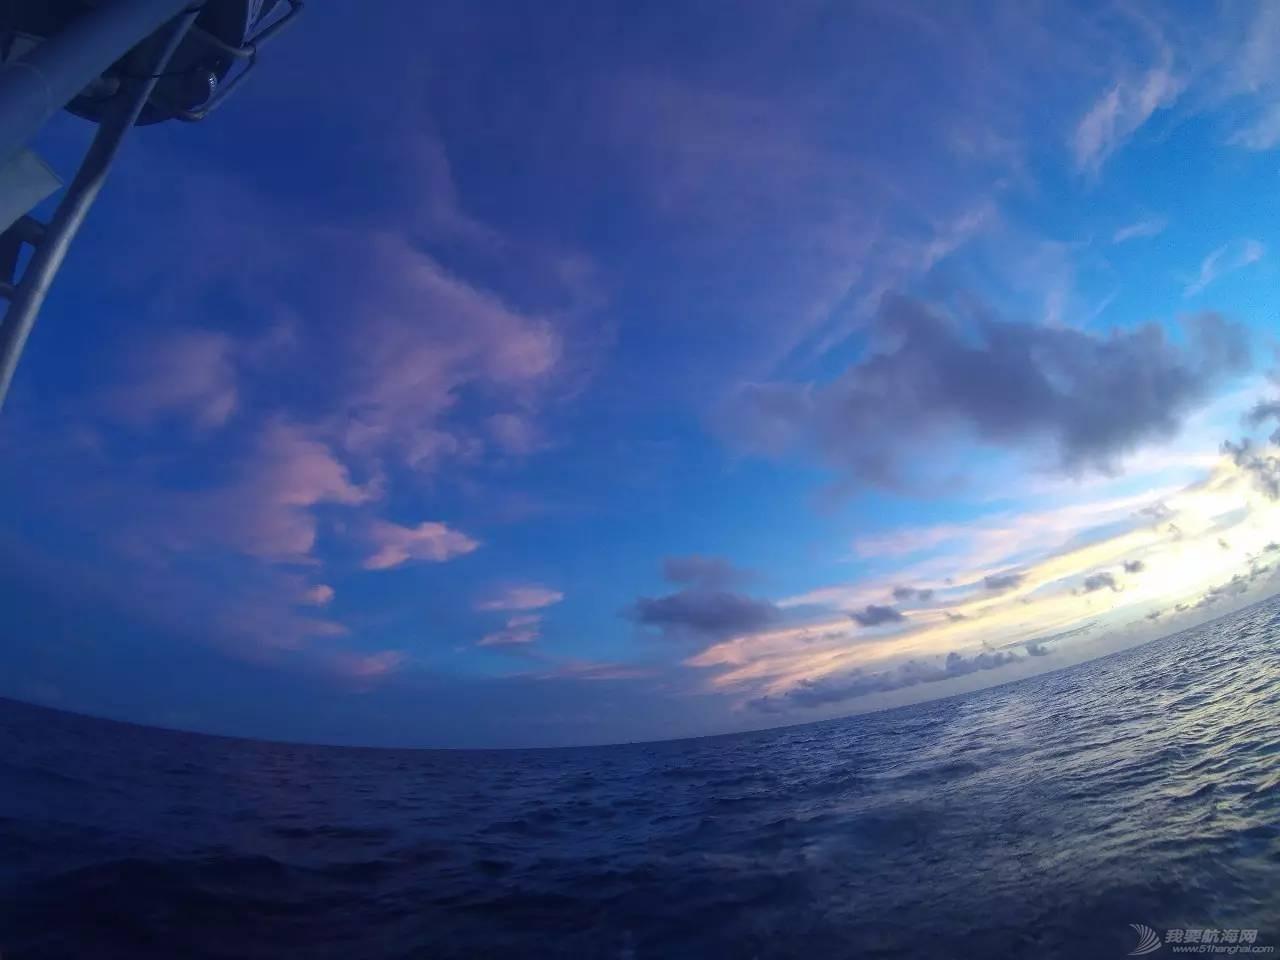 22岁她才见到海,27岁她在海上看世界 cb65f751941aa312dcf8a5d4d2bbdef6.jpg